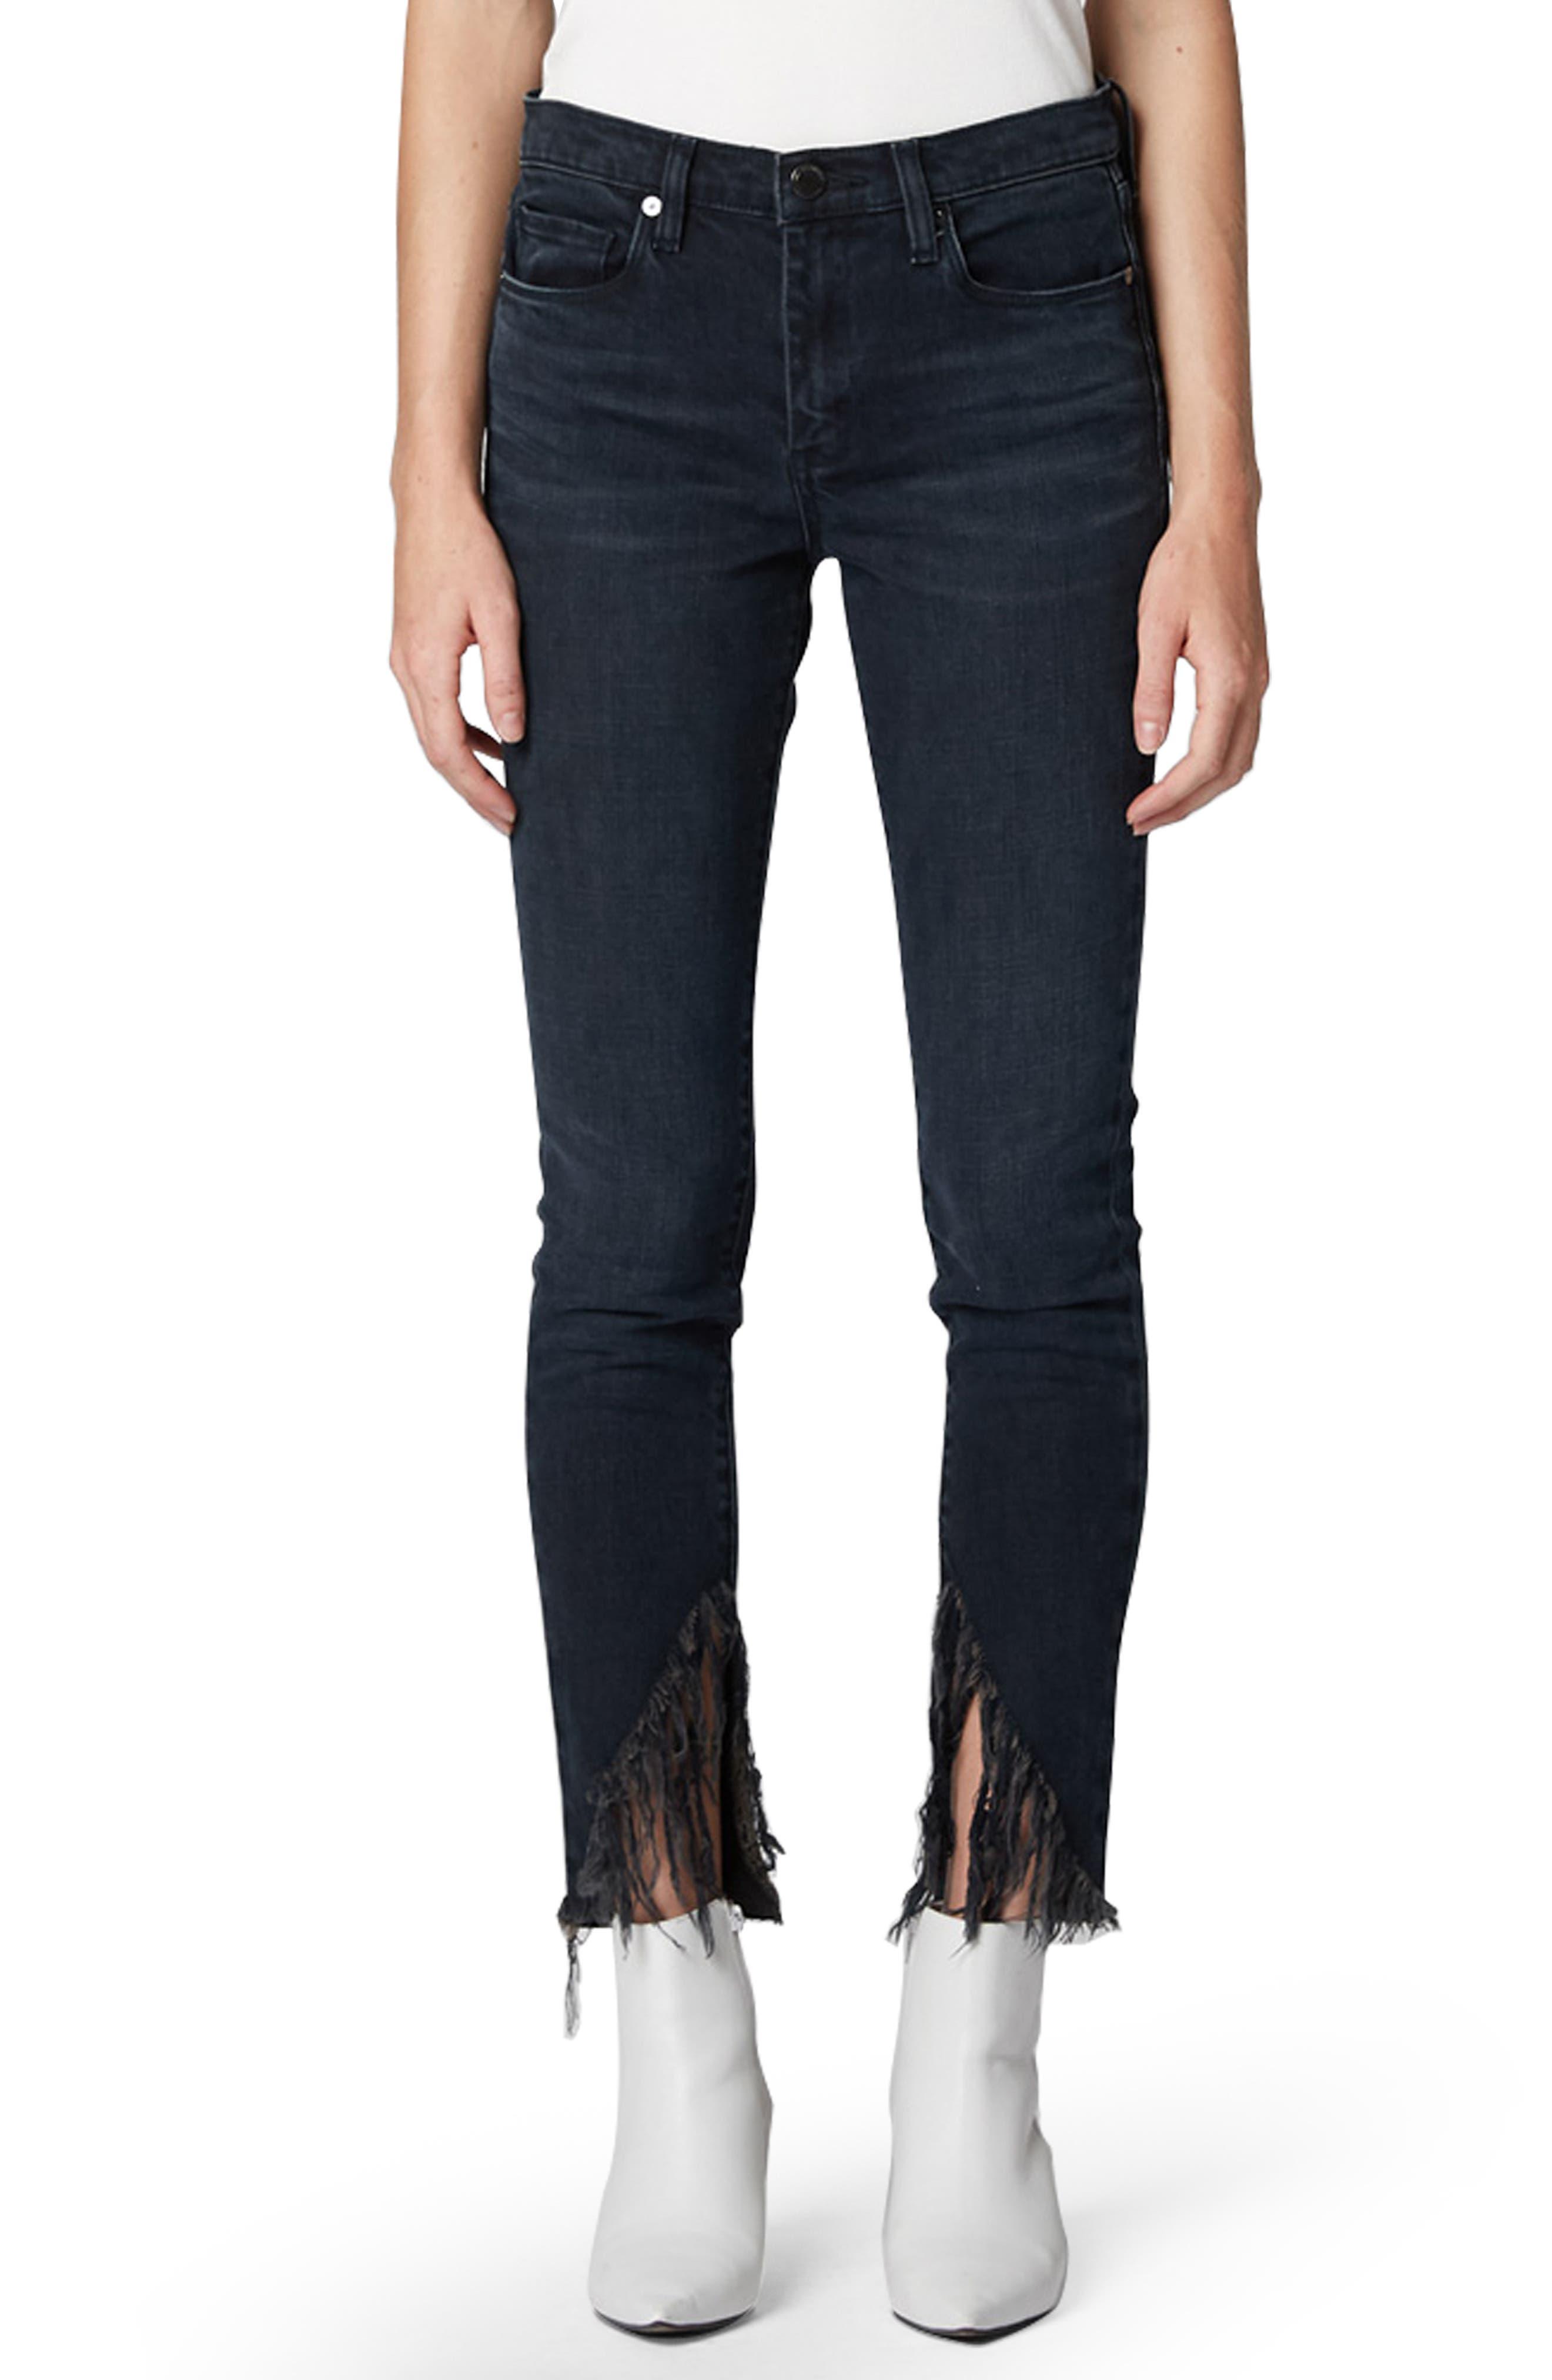 The Bond Fray Hem Skinny Jeans by Blanknyc